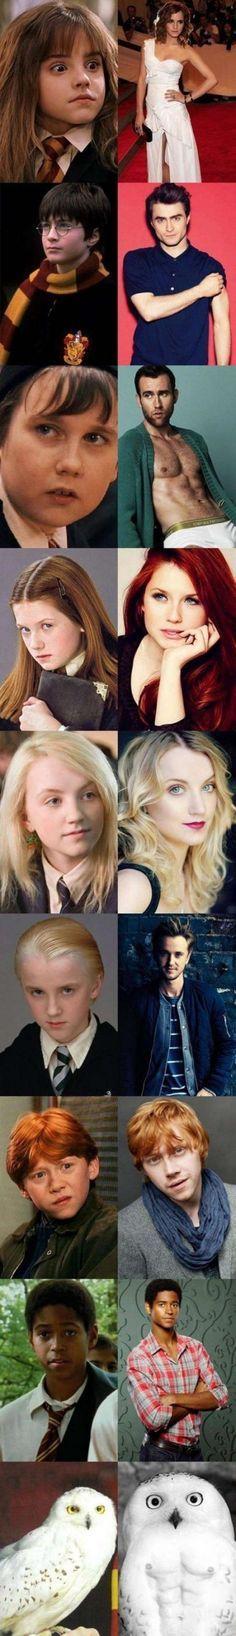 Les acteurs d'Harry Potter aujourd'hui!